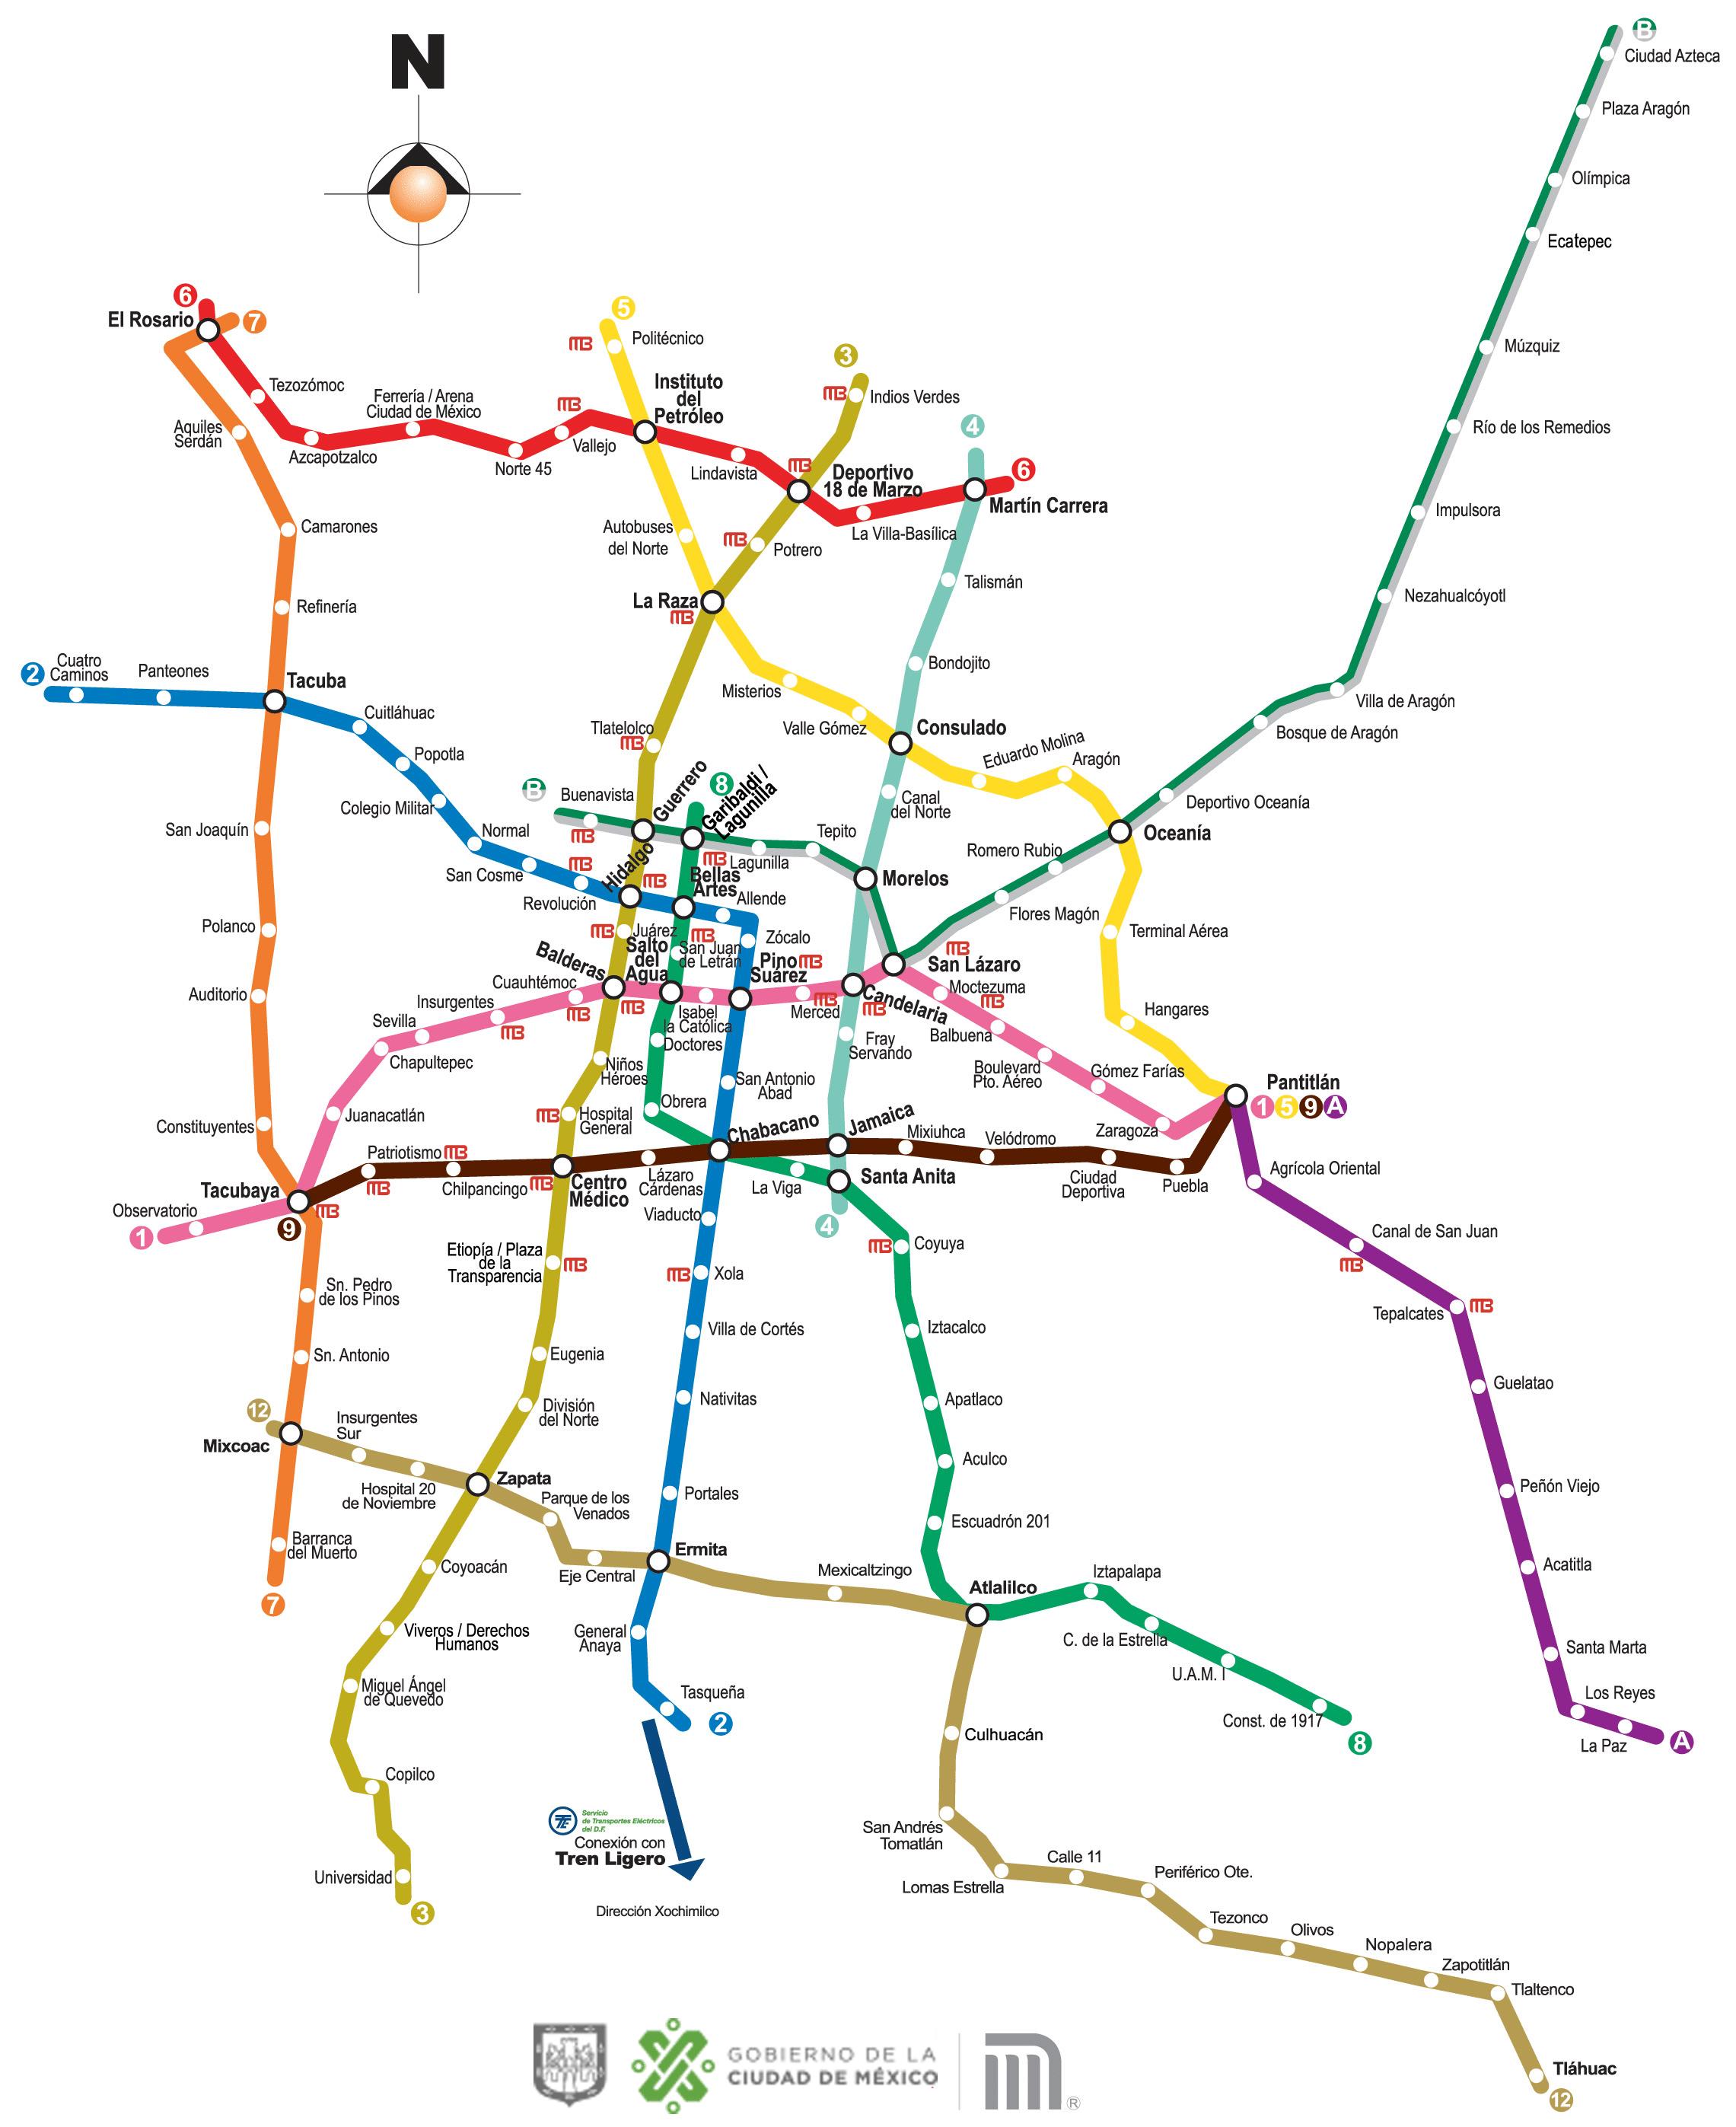 Mapa del Metro CDMX